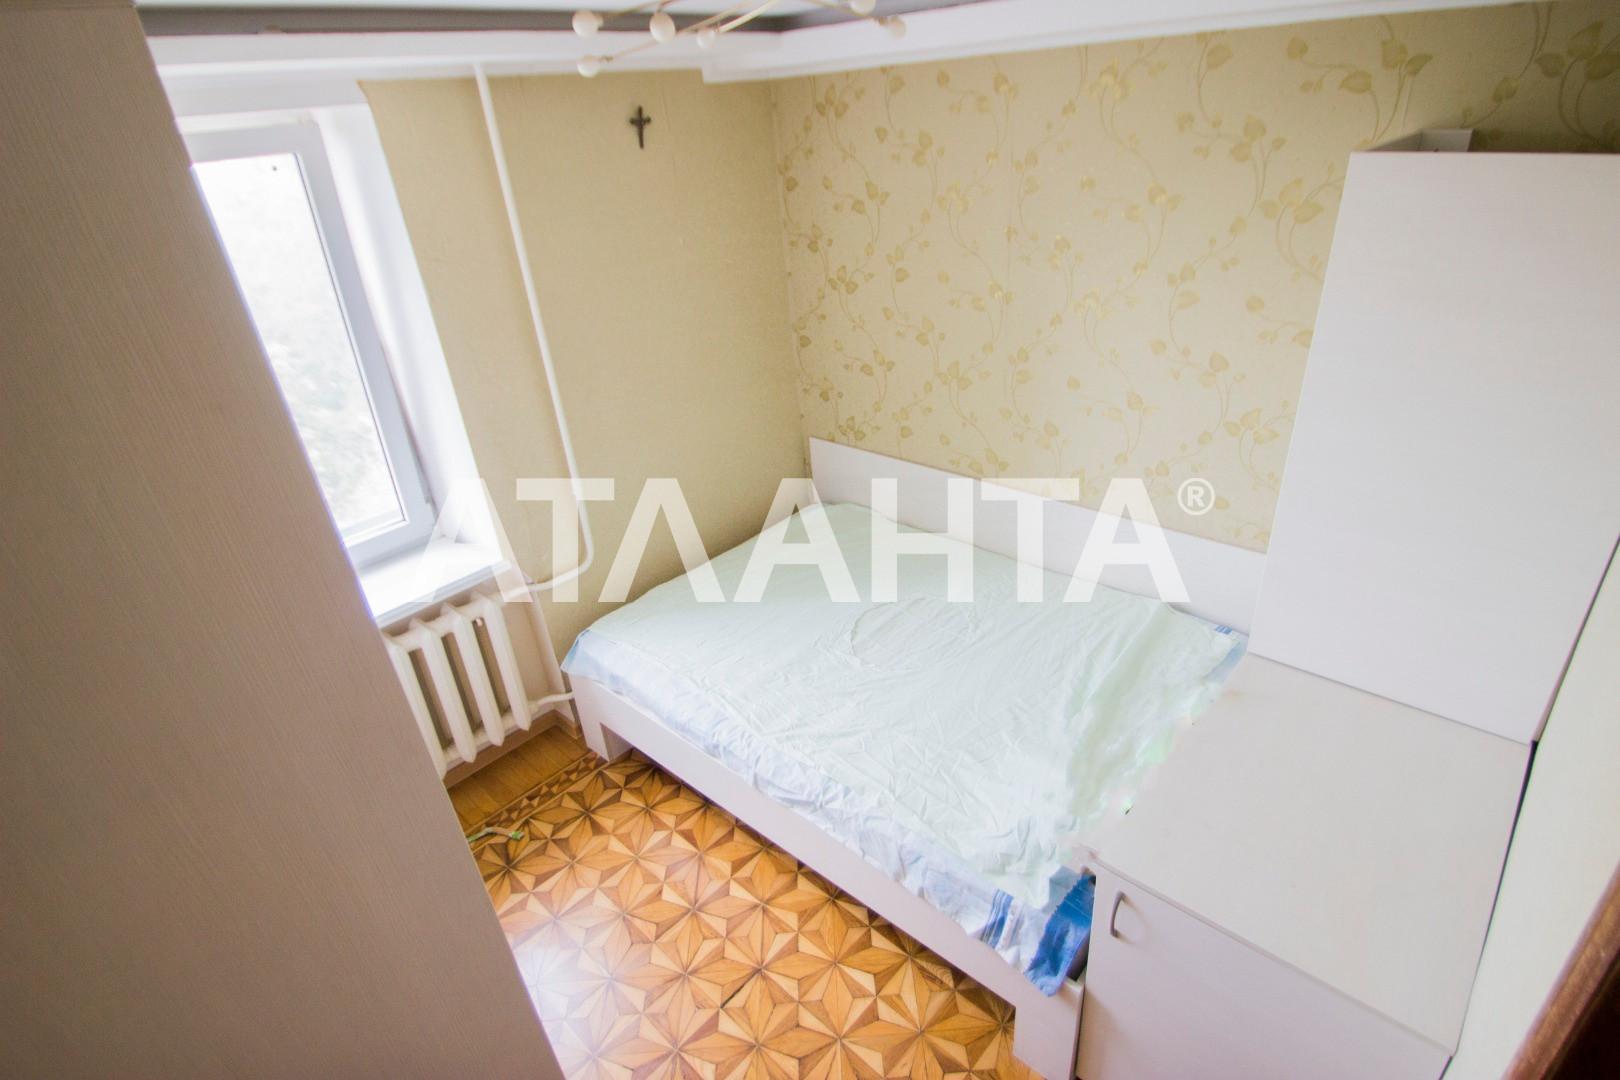 Продается 3-комнатная Квартира на ул. Центральный Аэропорт — 75 000 у.е. (фото №4)